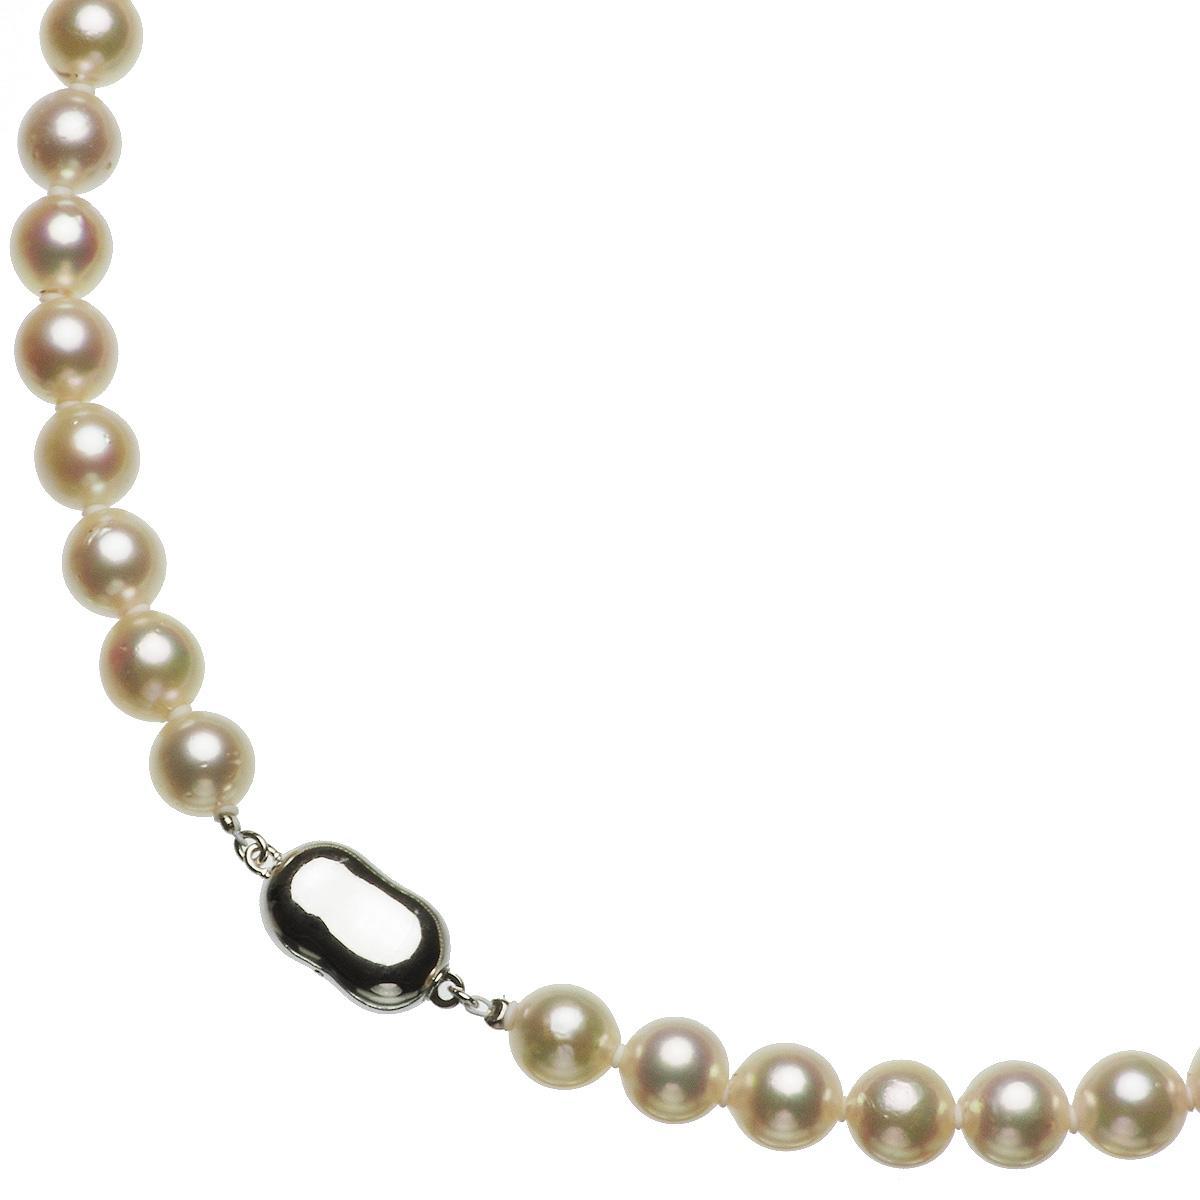 アコヤ 厚巻き 高品質 真珠 パール ピアス ネックレス セット 約8.0-8.5mmの写真